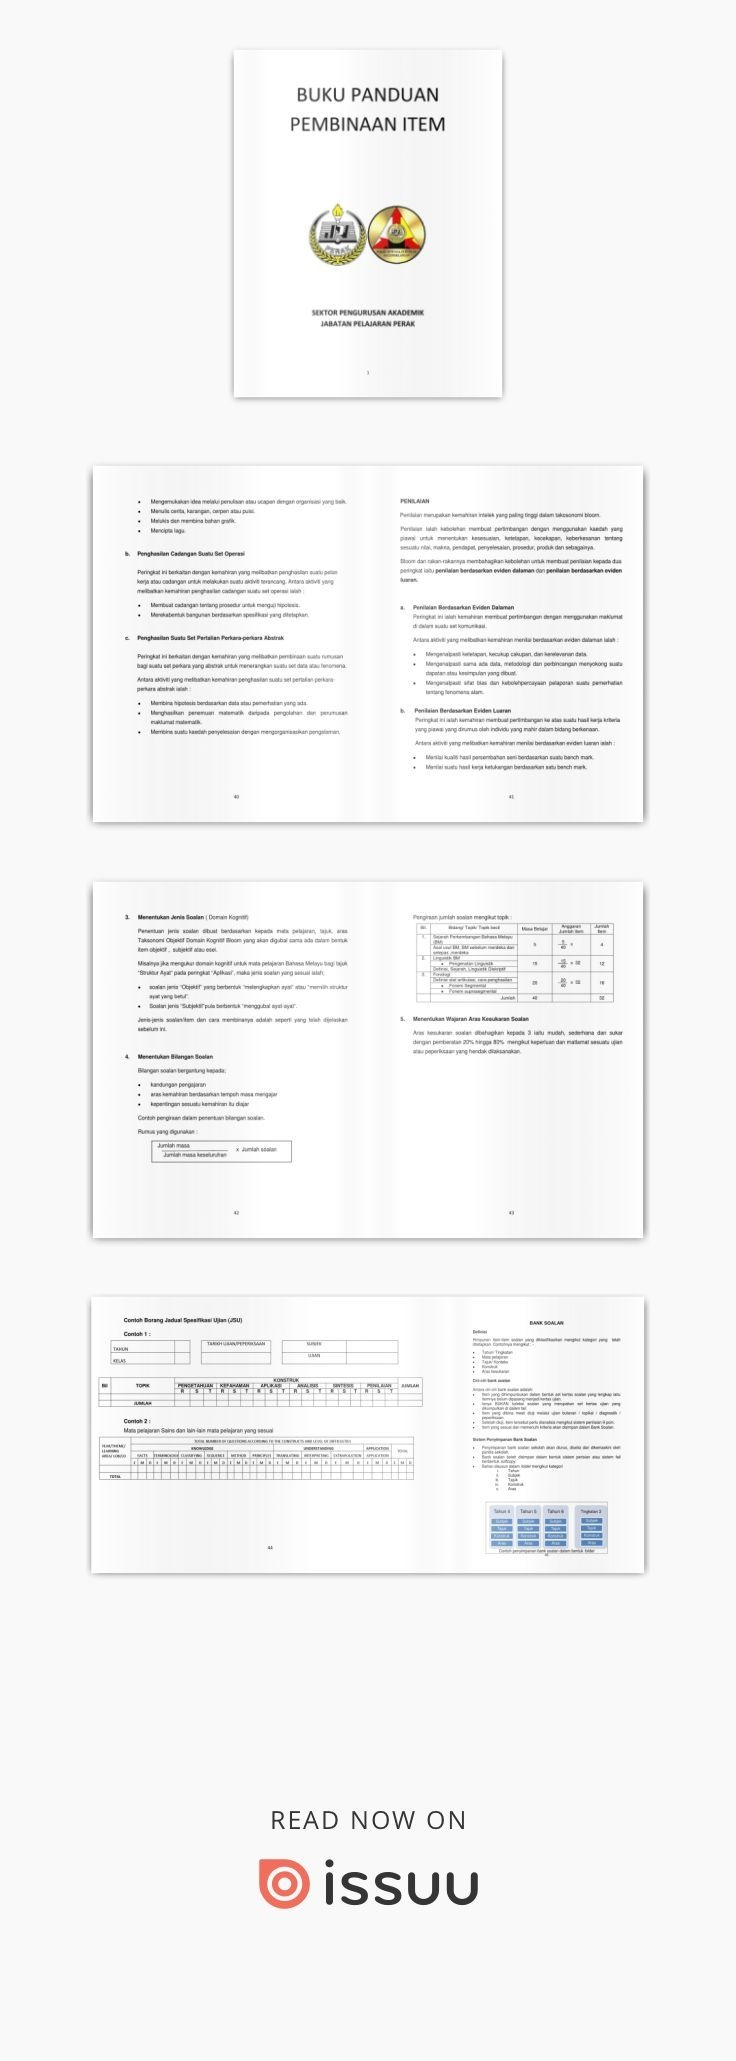 Soalan Peperiksaan Awal Tahun Matematik Tambahan Tingkatan 4 Power Panduan Pembinaan Item soalan Pinterest Newspaper Authors and Of Senarai Peperiksaan Awal Tahun Matematik Tambahan Tingkatan 4 Yang Penting Khas Untuk Murid Lihat!